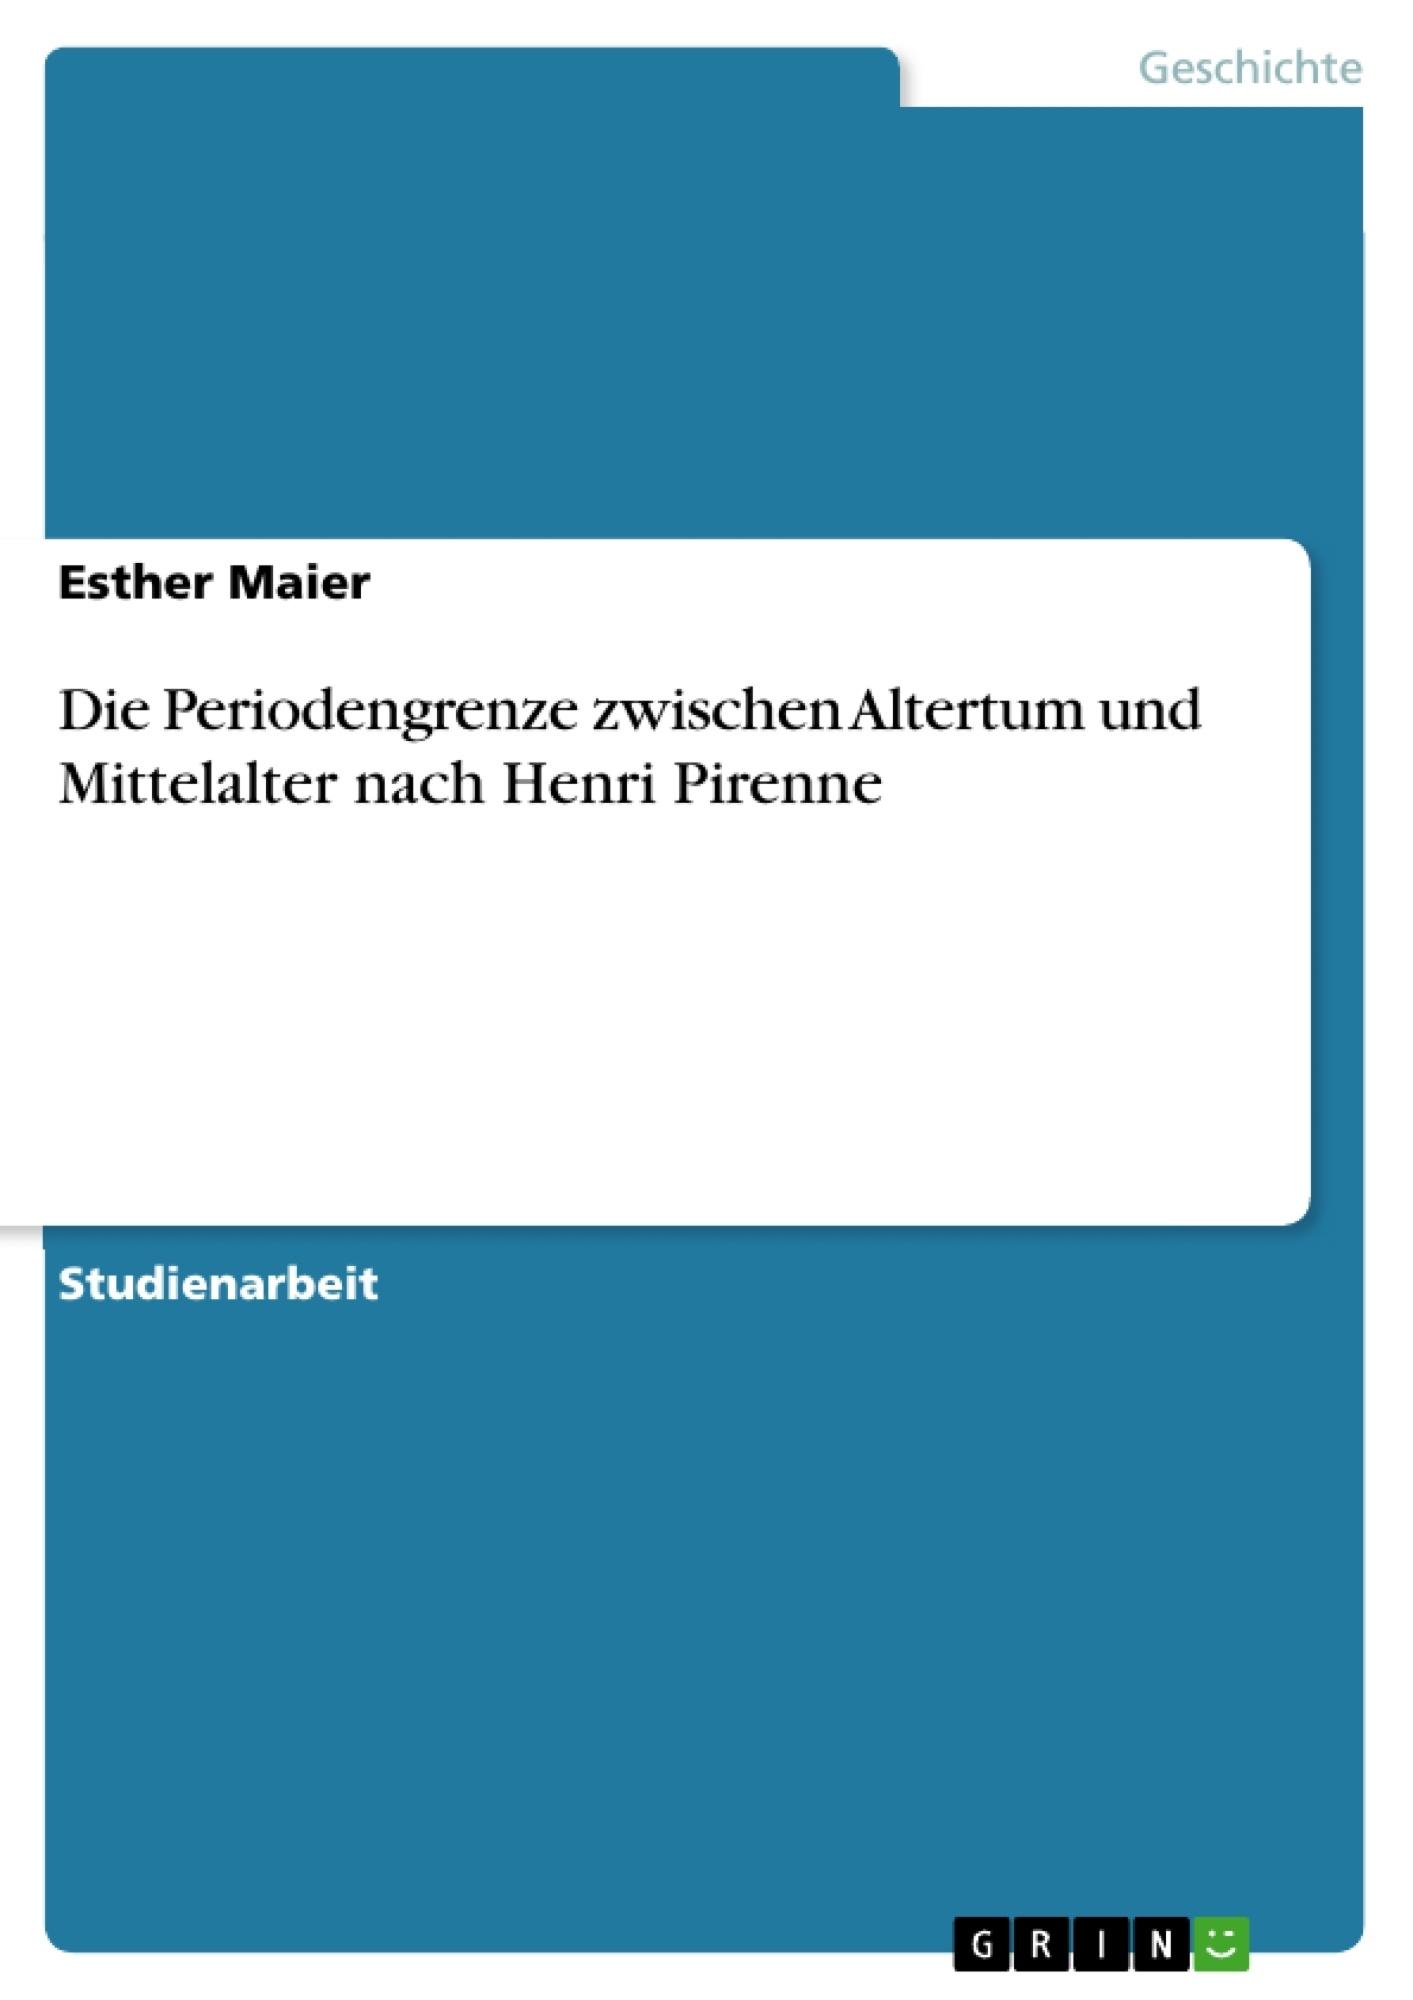 Titel: Die Periodengrenze zwischen Altertum und Mittelalter nach Henri Pirenne